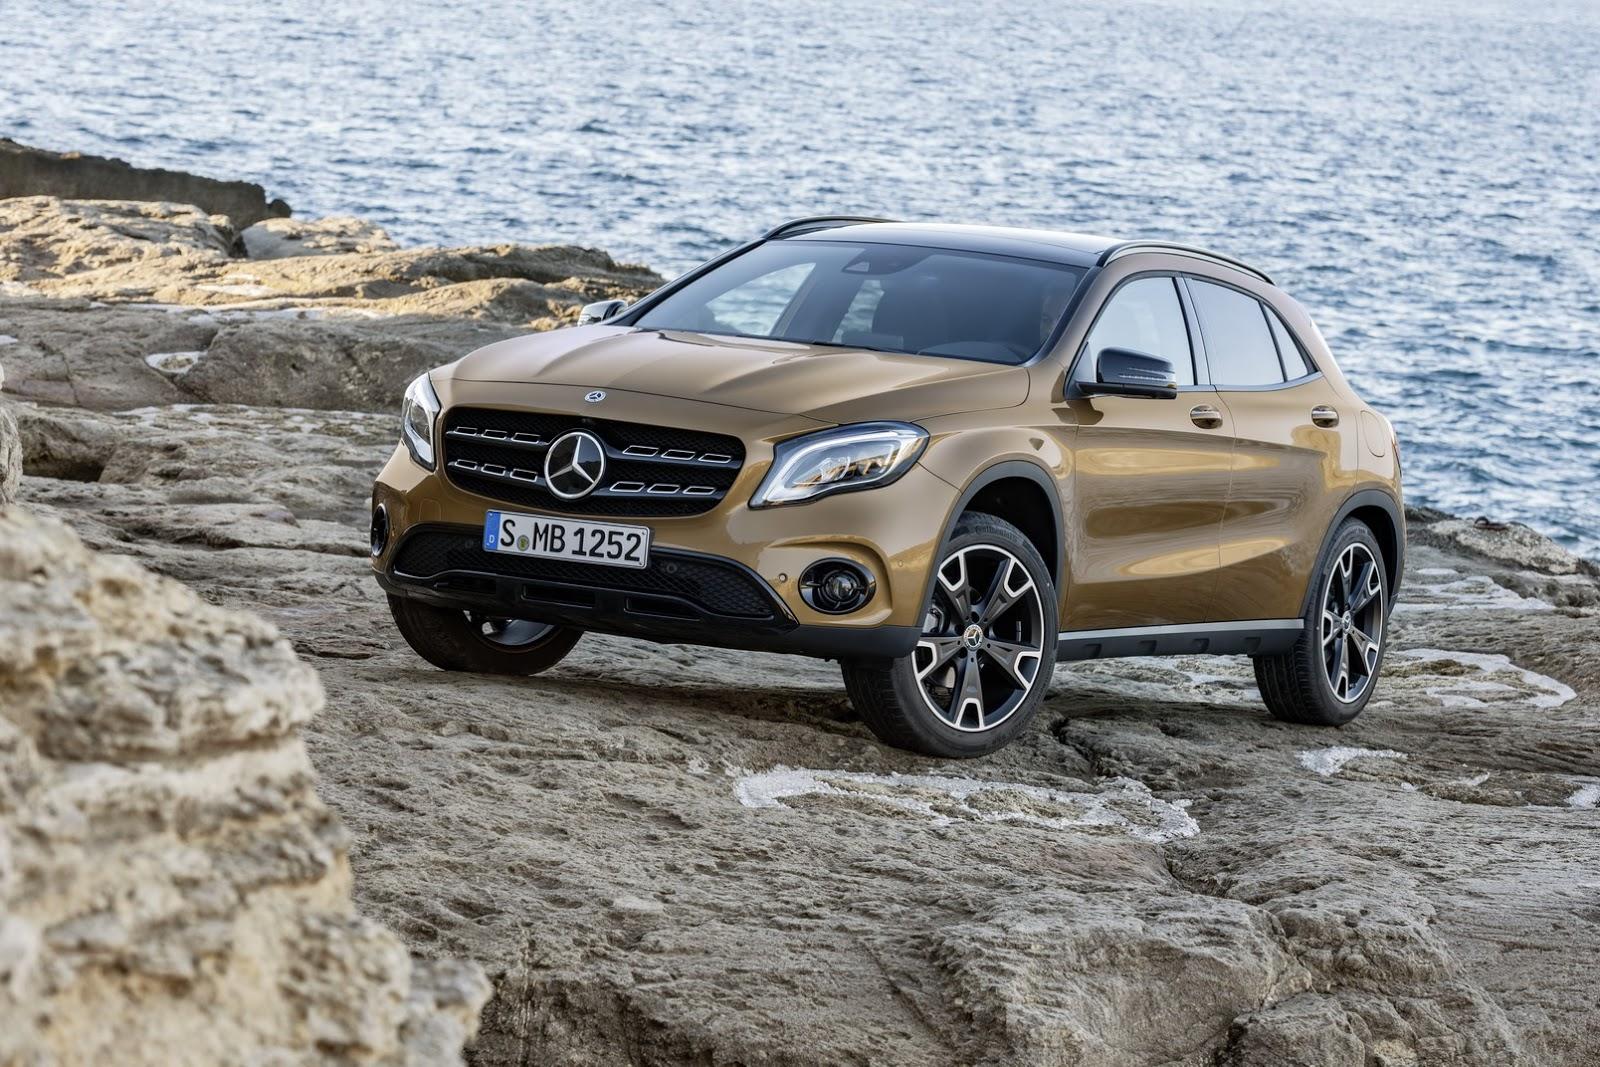 Mercedes GLA facelift and GLA 45 AMG facelift 2017 (44)